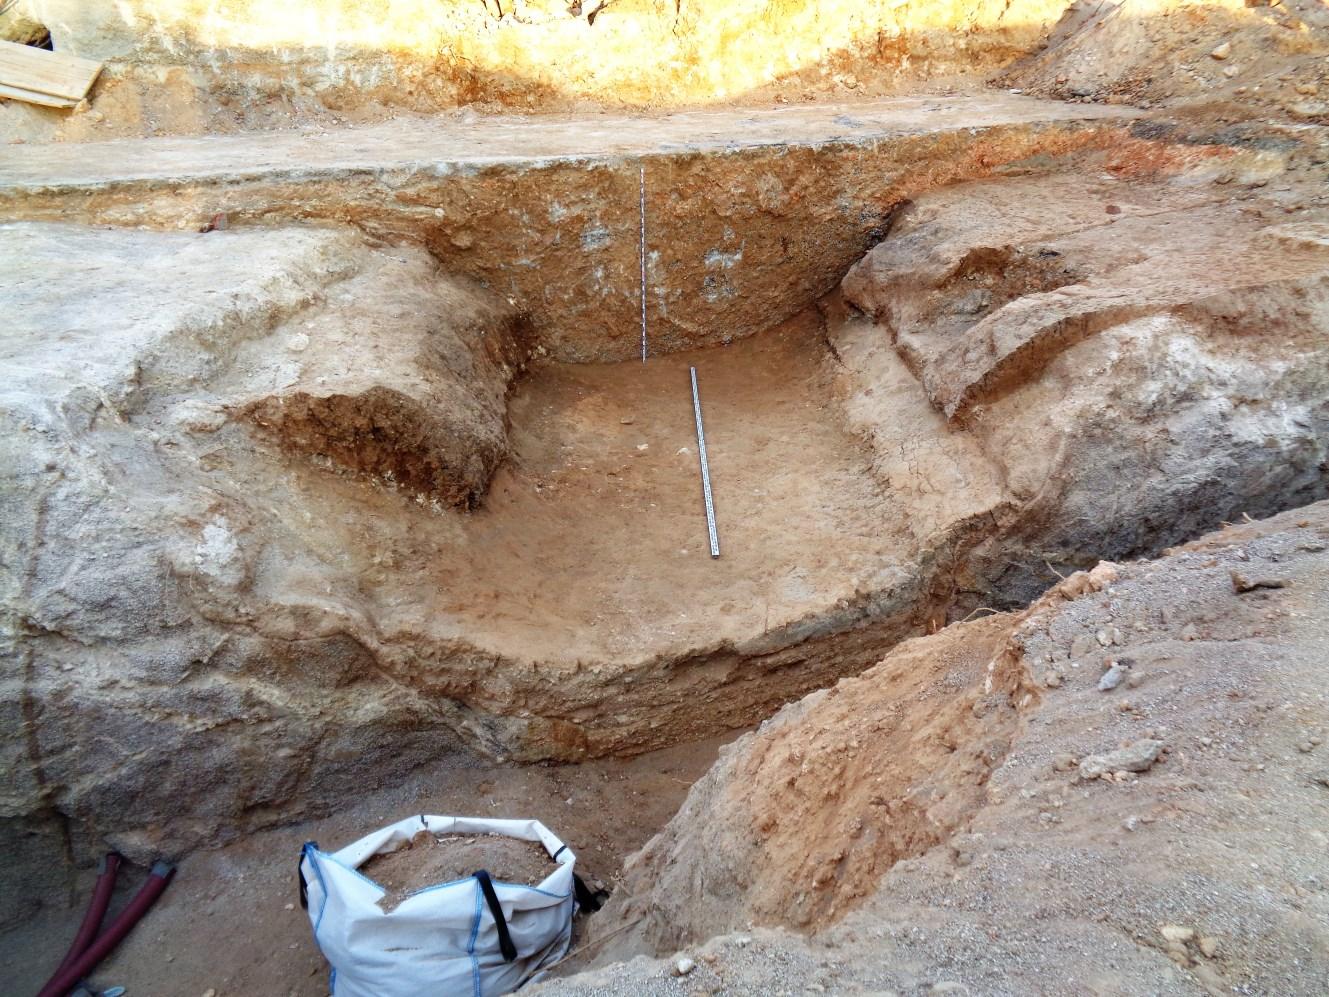 Procés d'excavació del tram 1 del Rec Comtal. Foto: Oscar Varas.